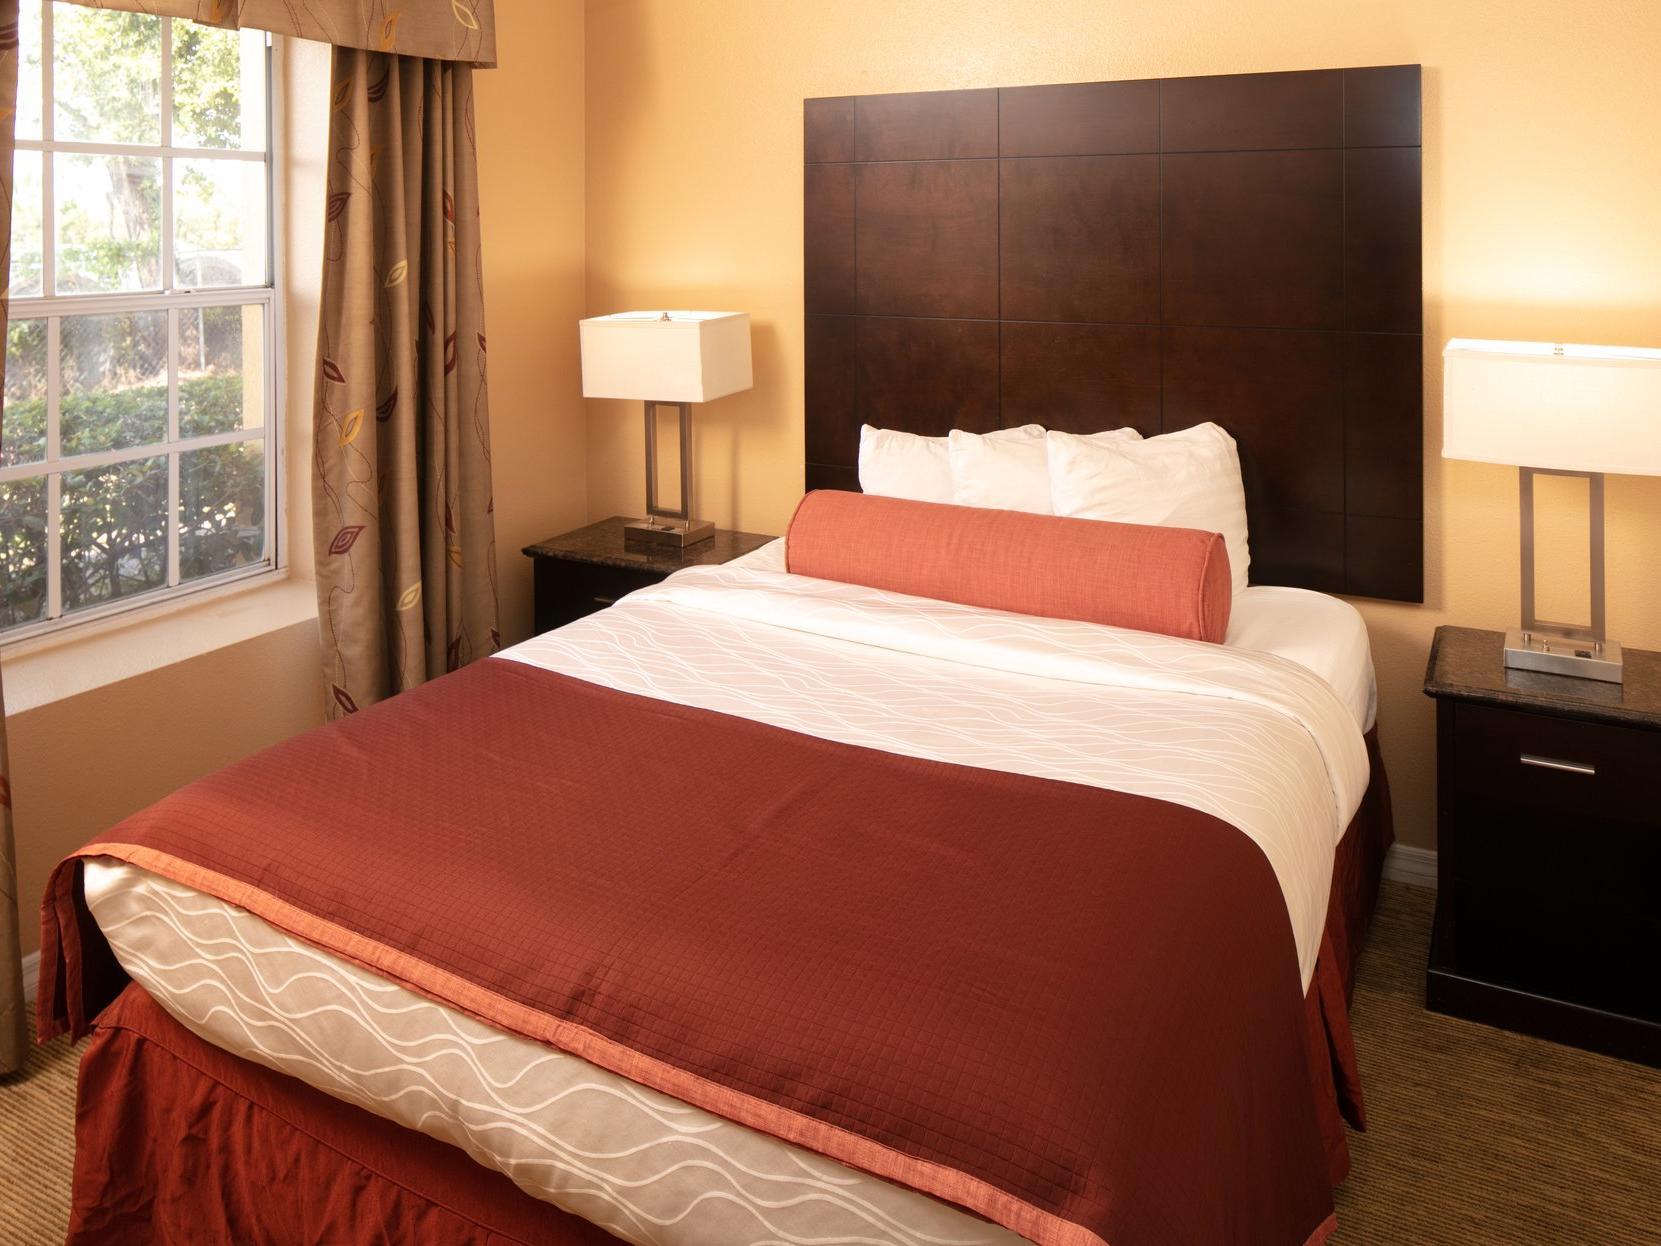 queen bed in hotel room